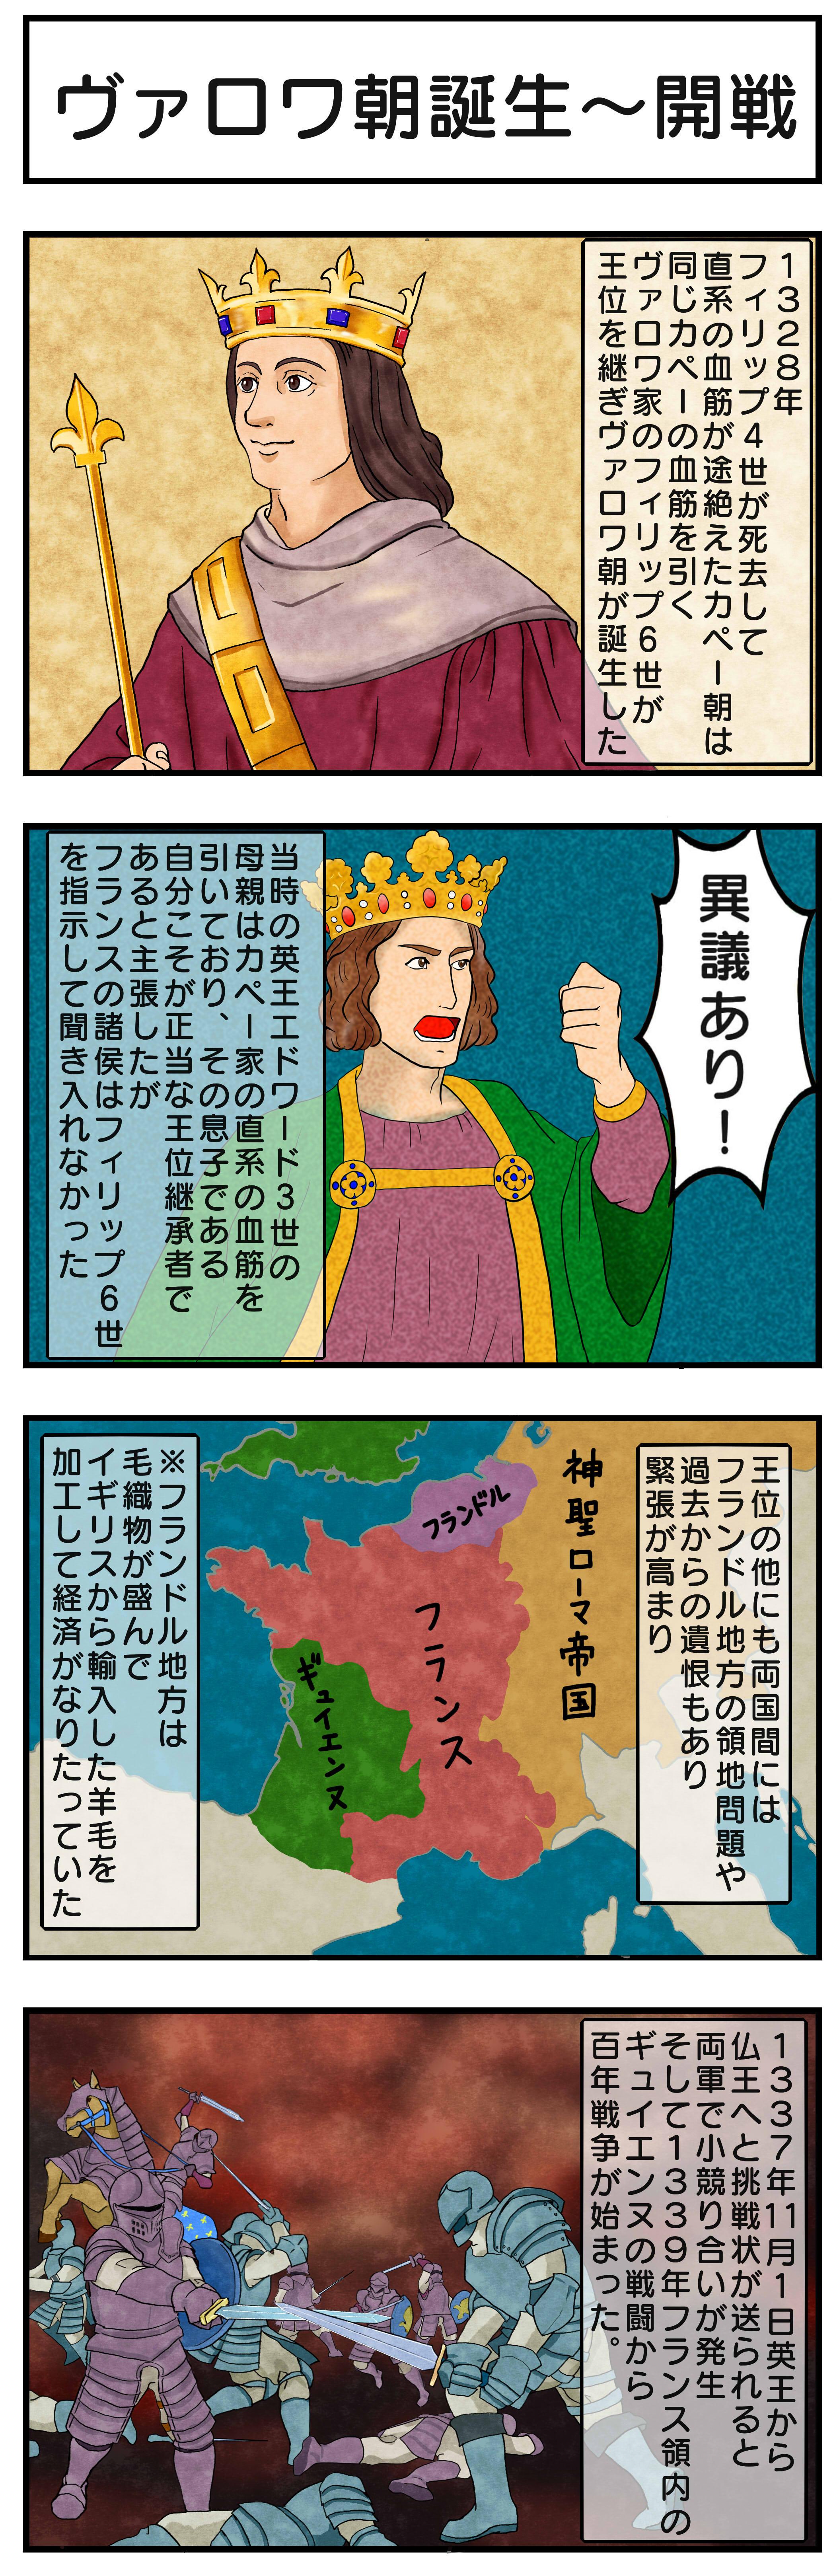 ヴァロワ朝誕生~開戦_4コマ漫画